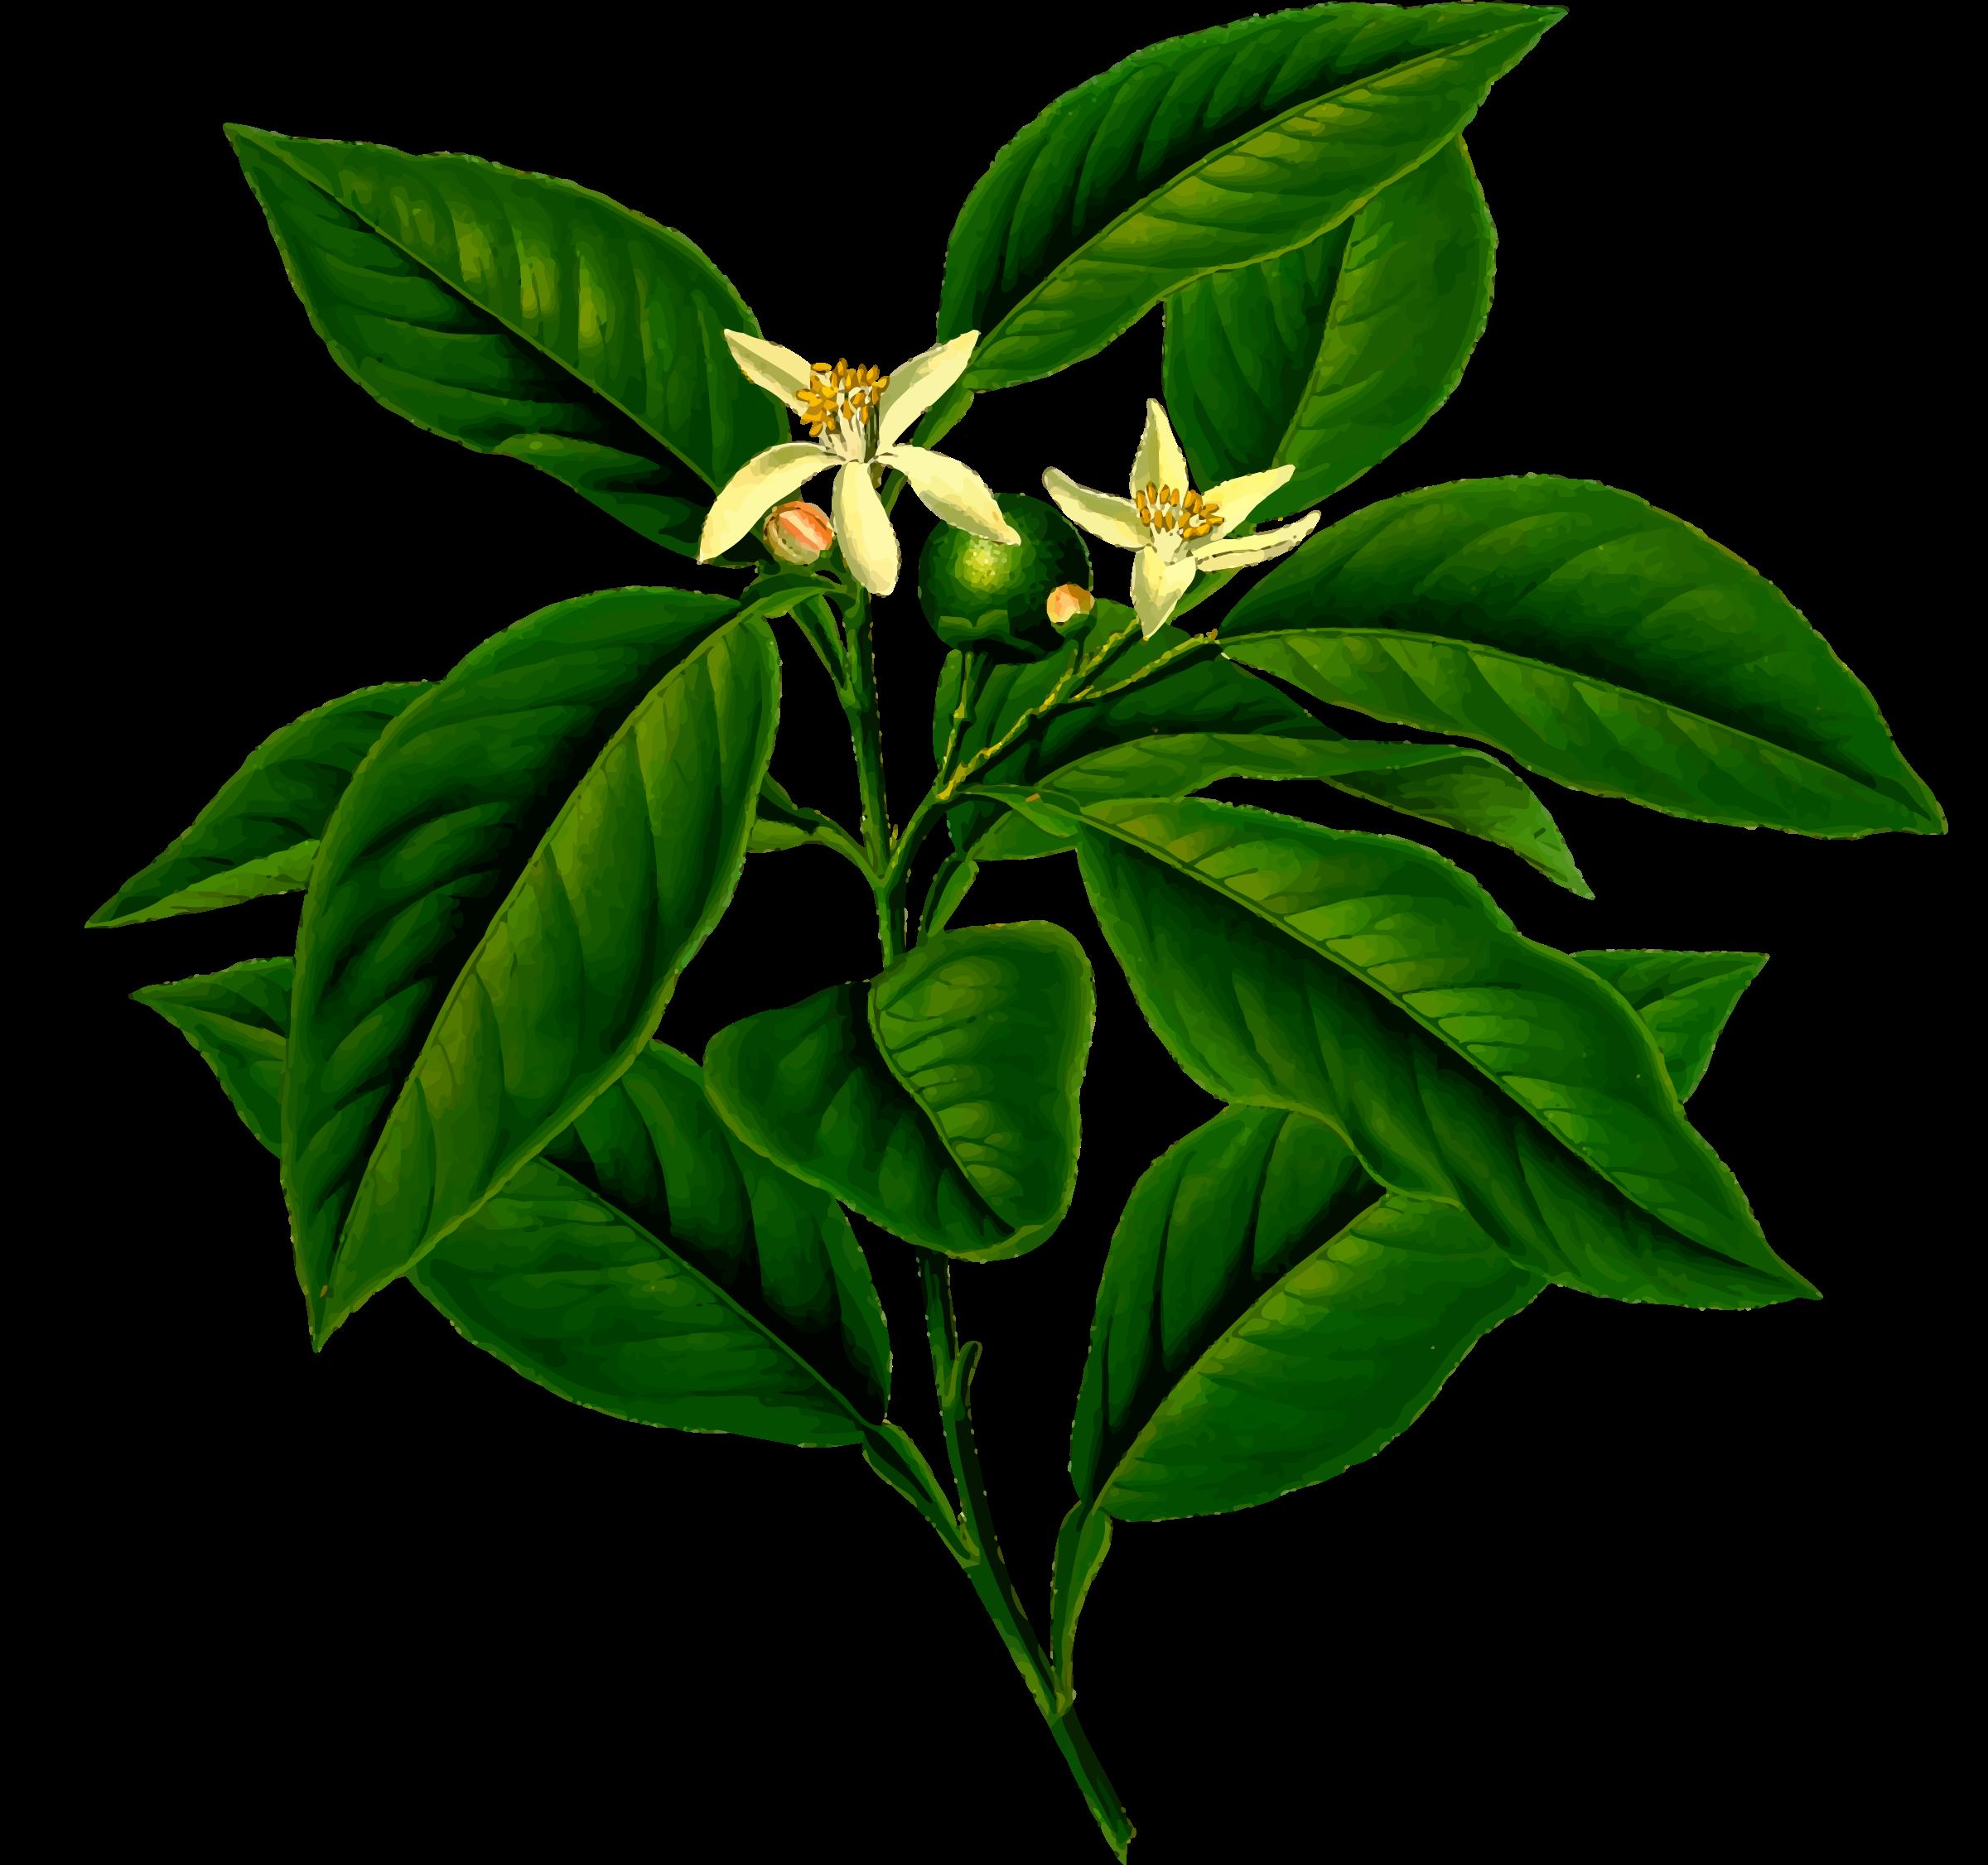 Lemon tree clipart transparent download Clipart - Lemon tree (detailed) transparent download